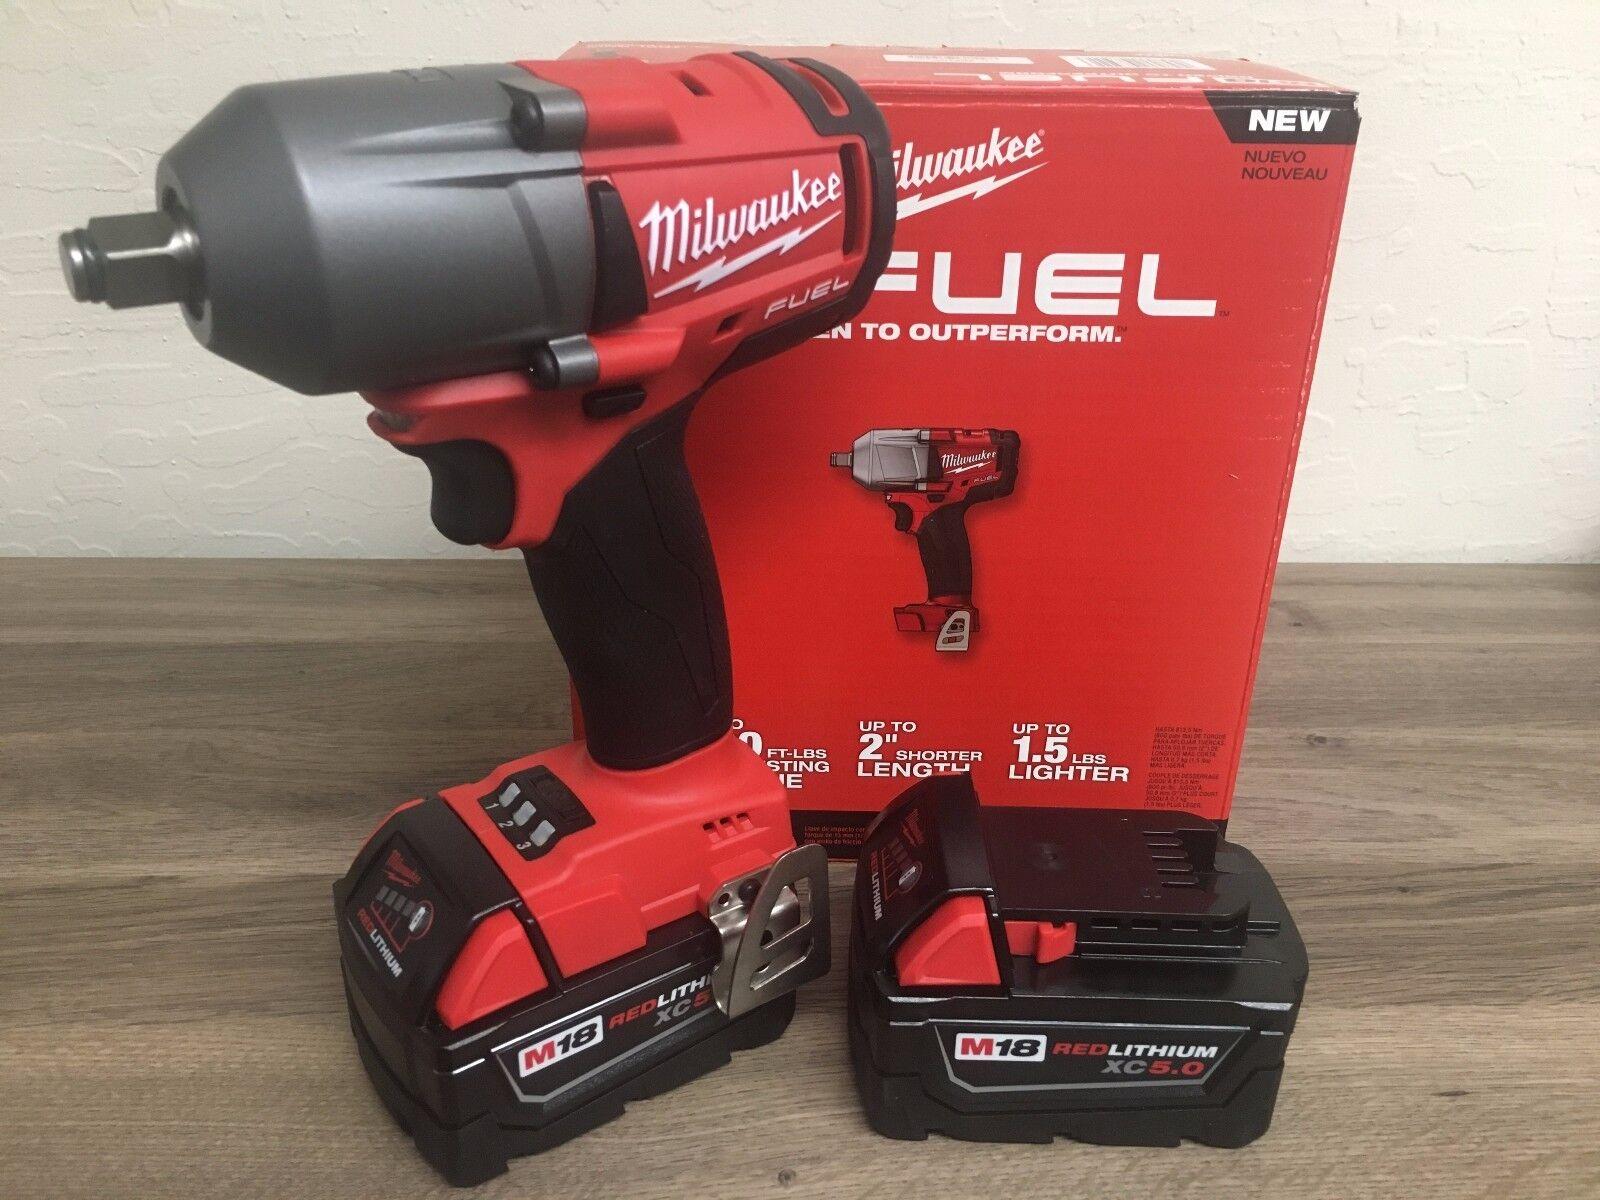 New Milwaukee Fuel M18 2861-20 18V 1/2